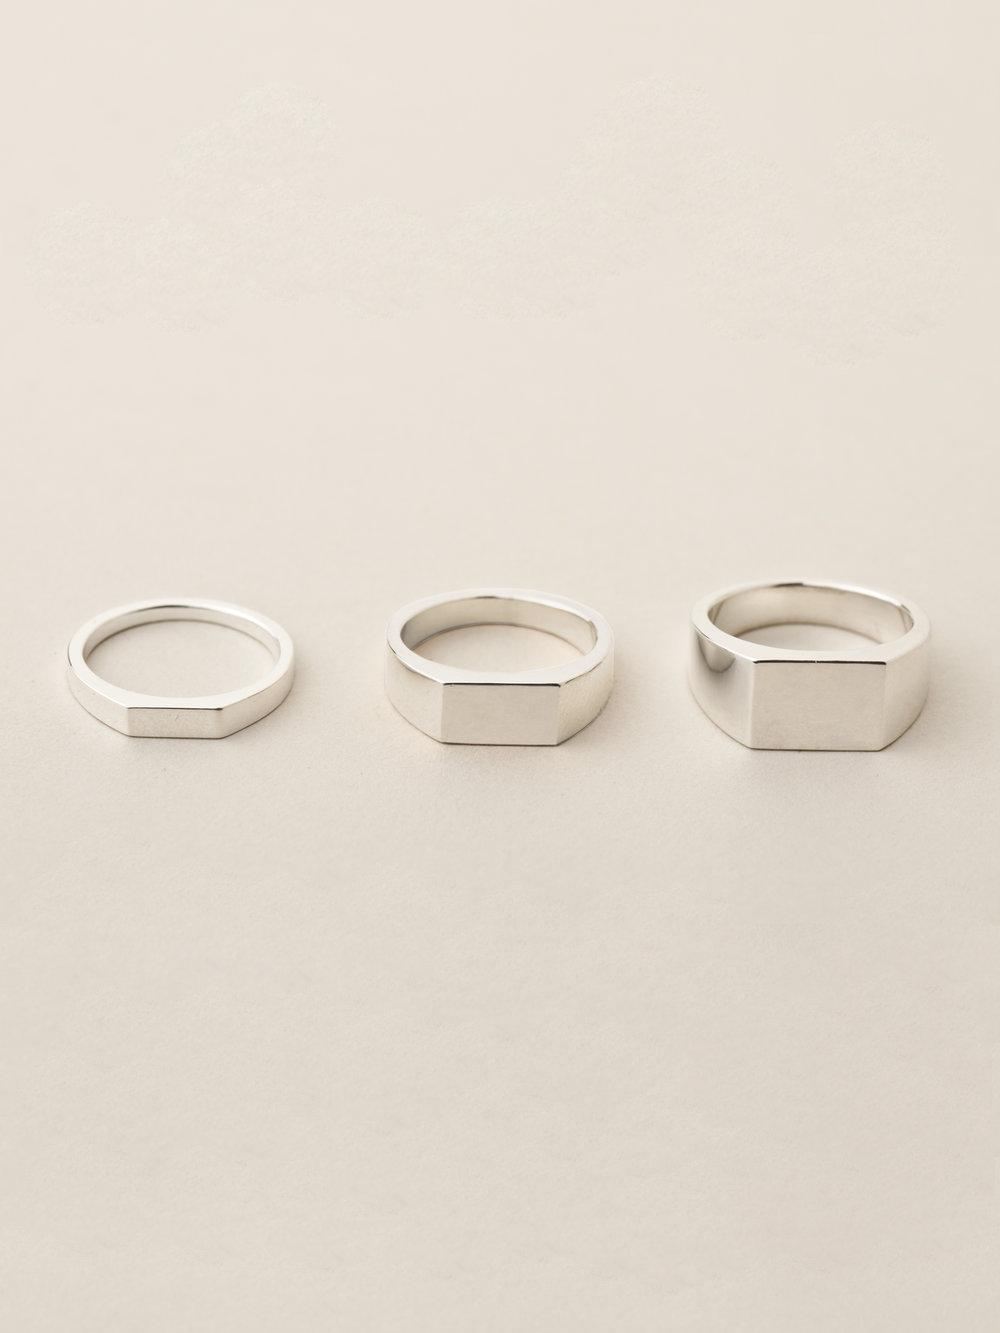 Übersicht Siegelringe Minima rechteckig, klein, mittel und groß in 925 Silber Overview signet ring Minima rectangle, small, medium and big in sterling silver